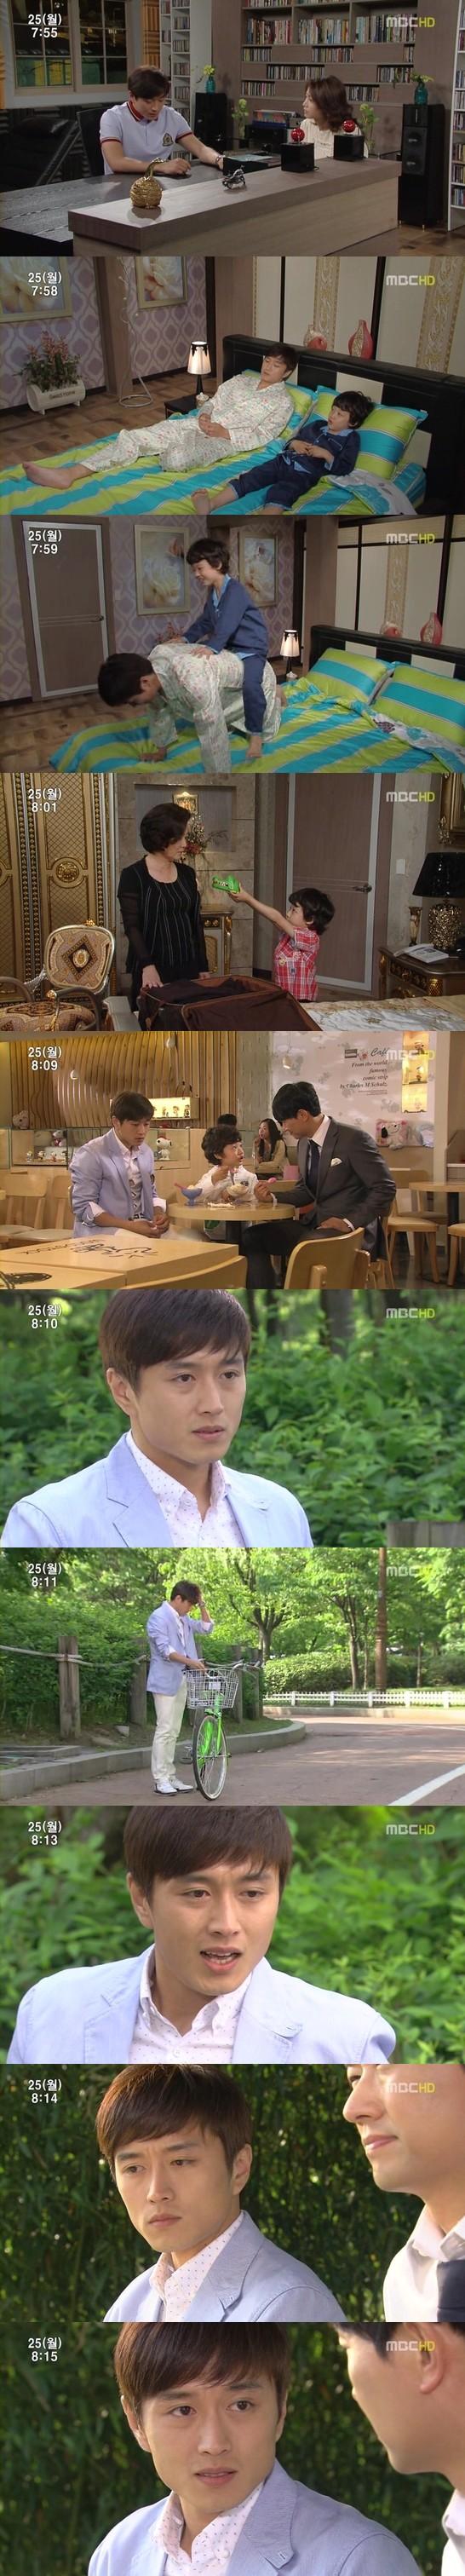 image Sin eun kyeong and sim i yeong